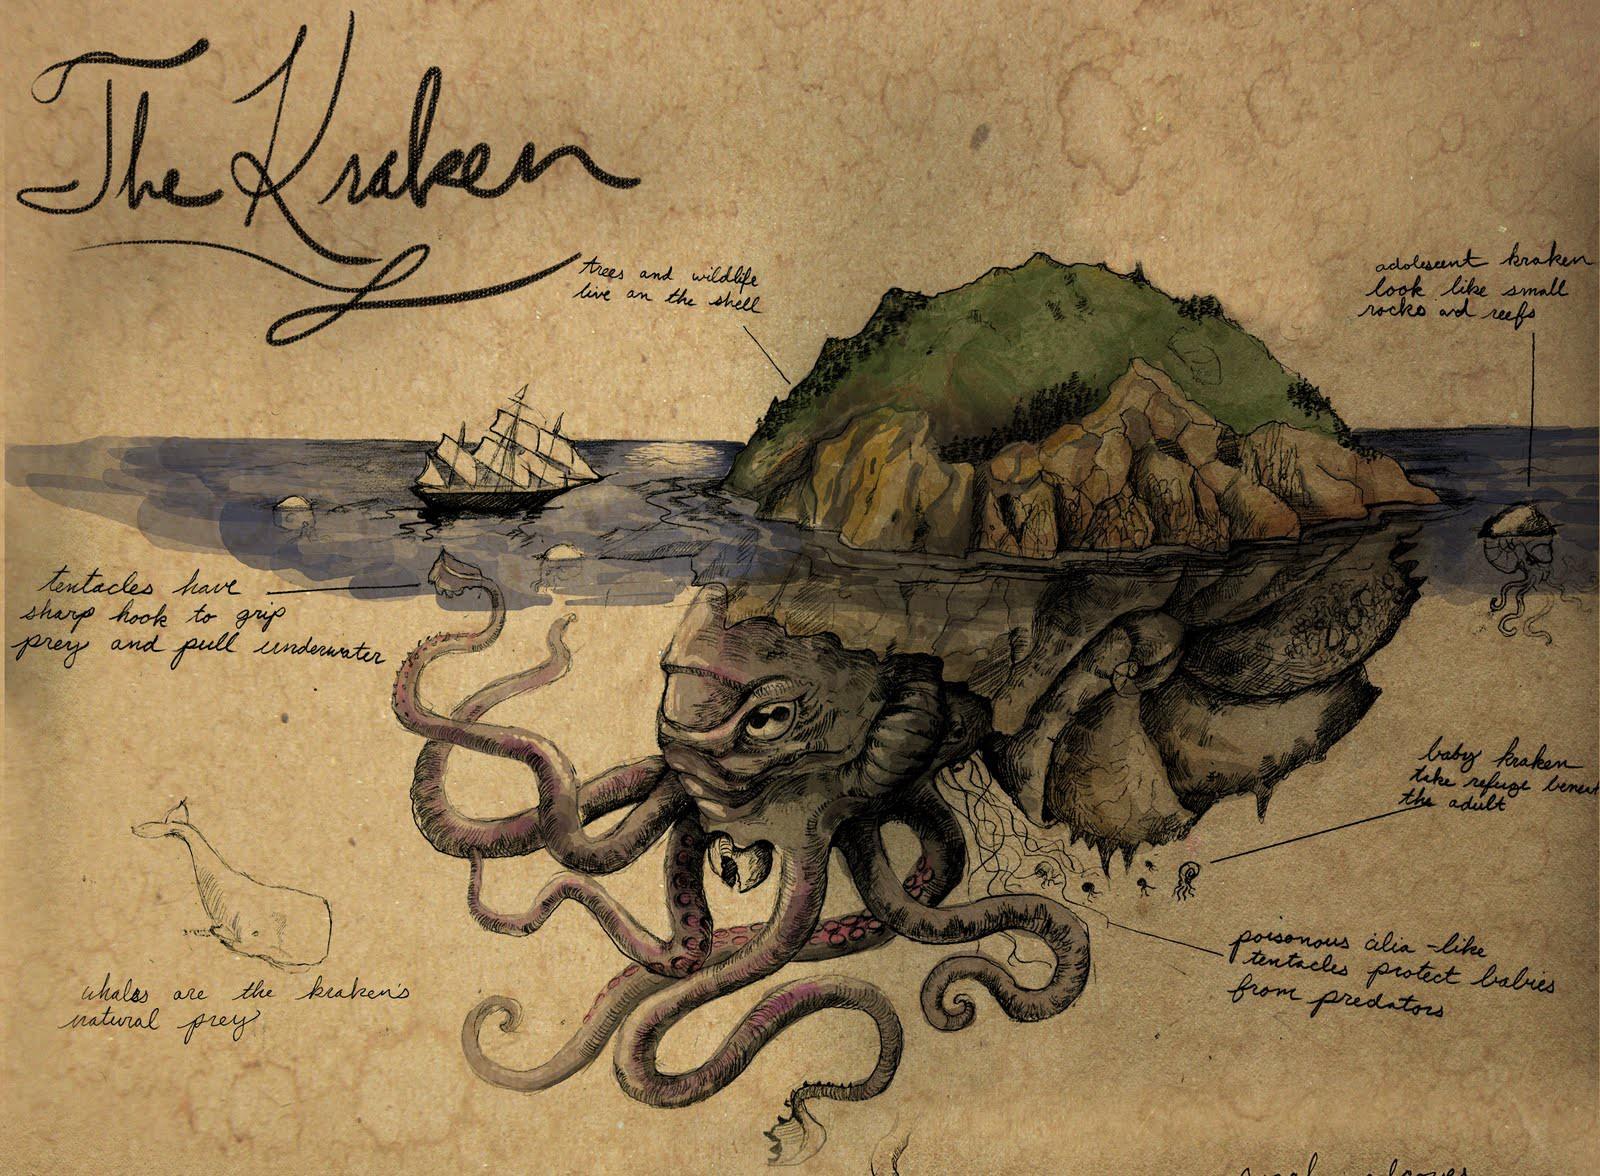 10 самых жутких тварей из скандинавских легенд  Скандинавы Викинги